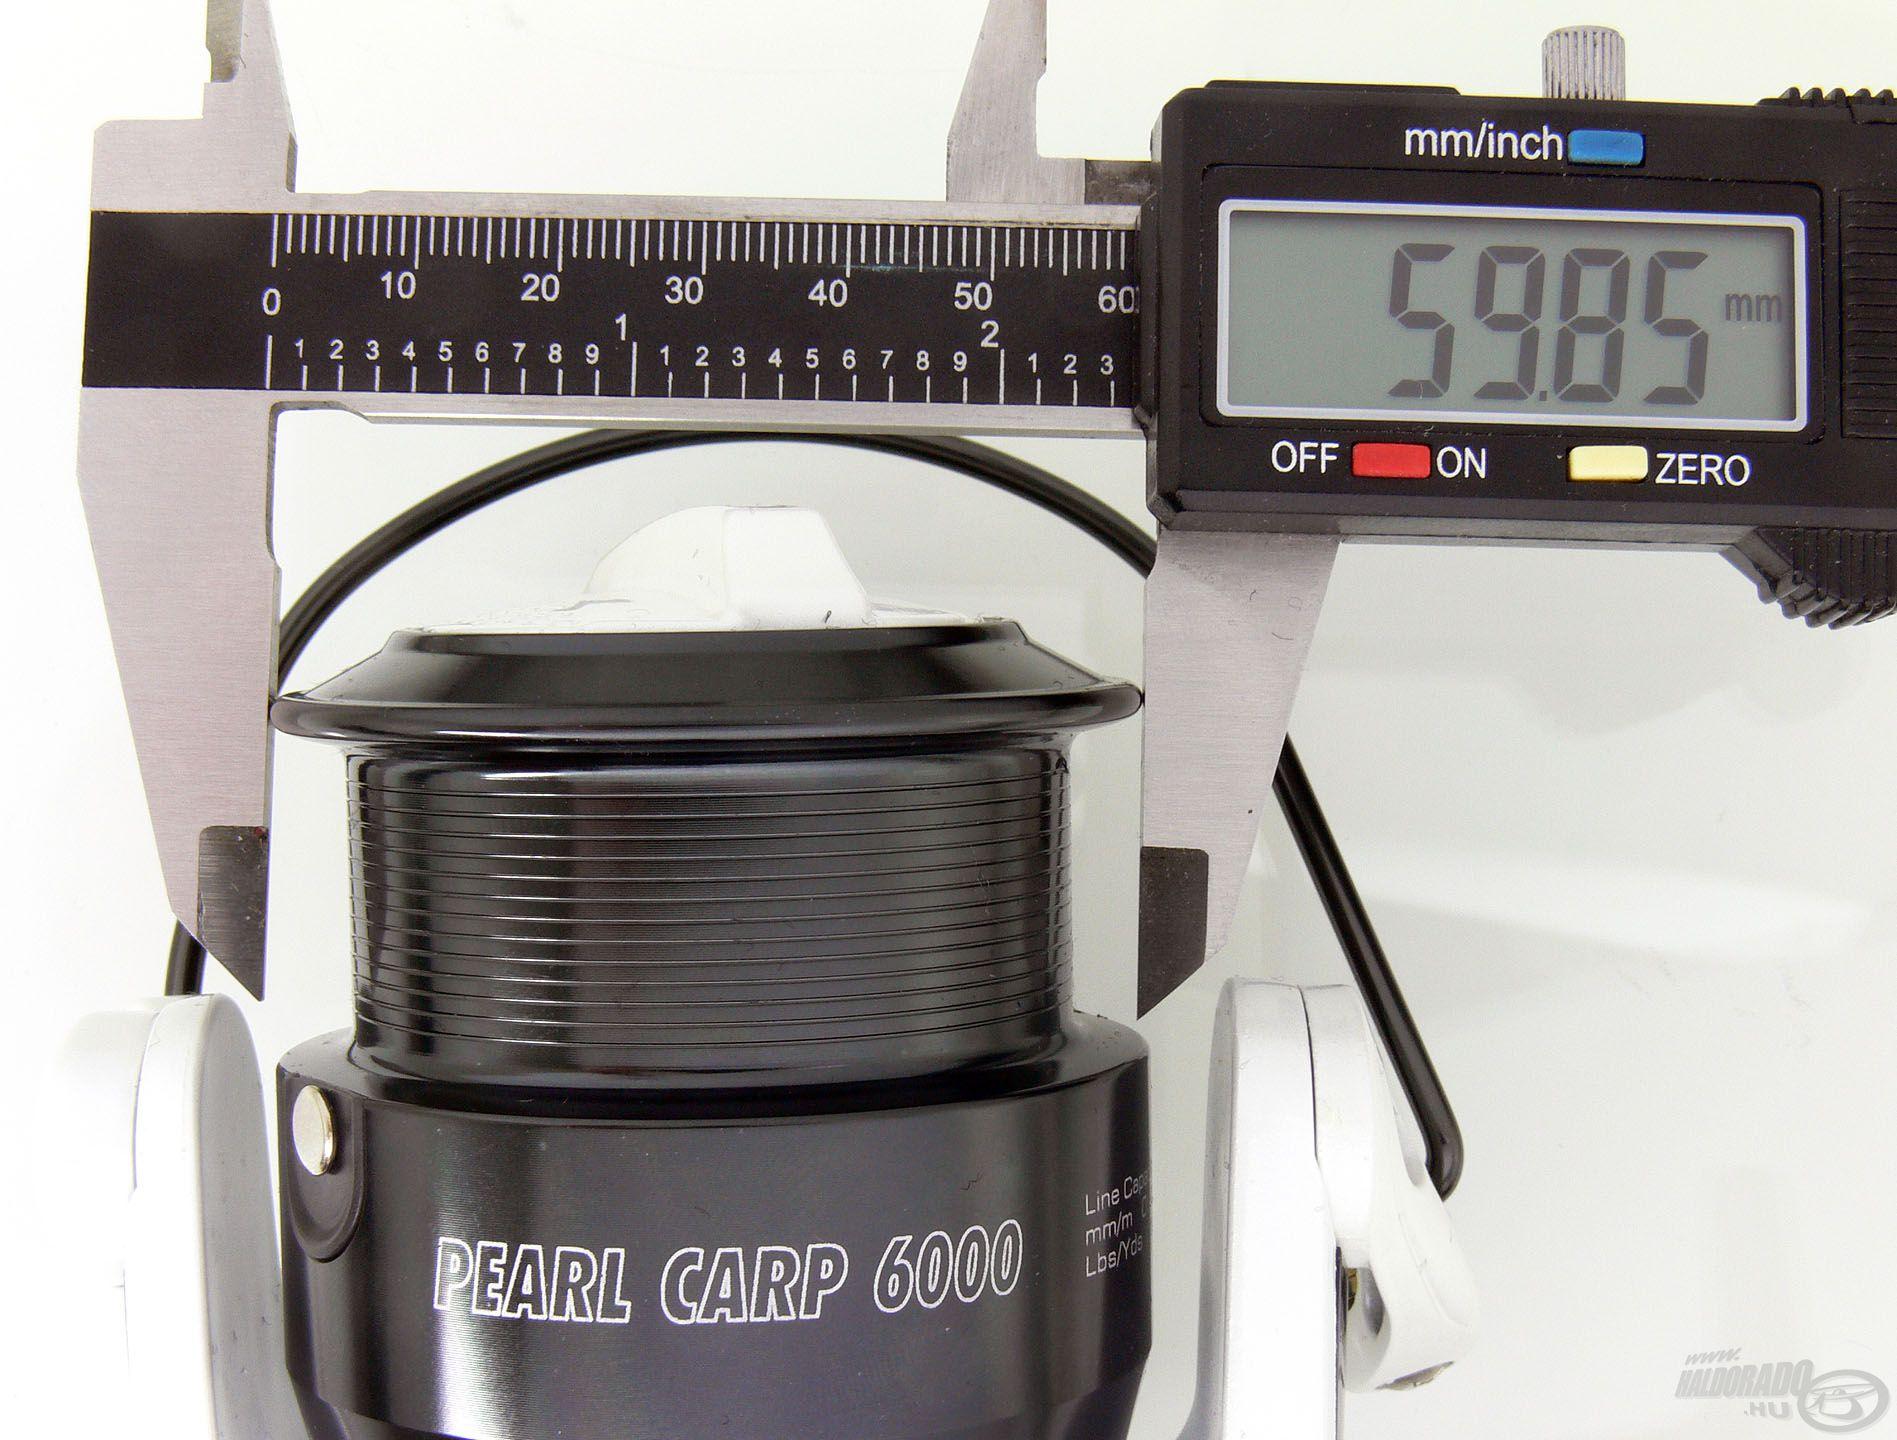 A legnagyobb, 6000-es Pearl Carp dobátmérője 59,85 mm